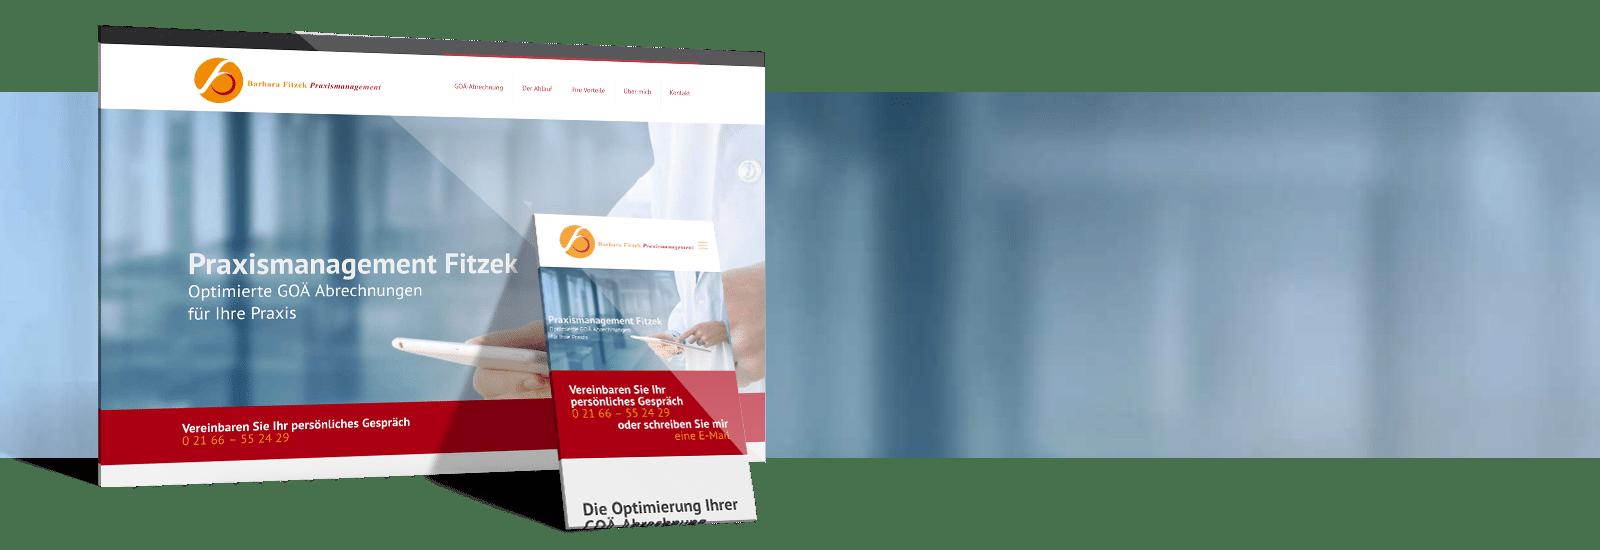 Onepager Website Referenz von webdesign.koeln